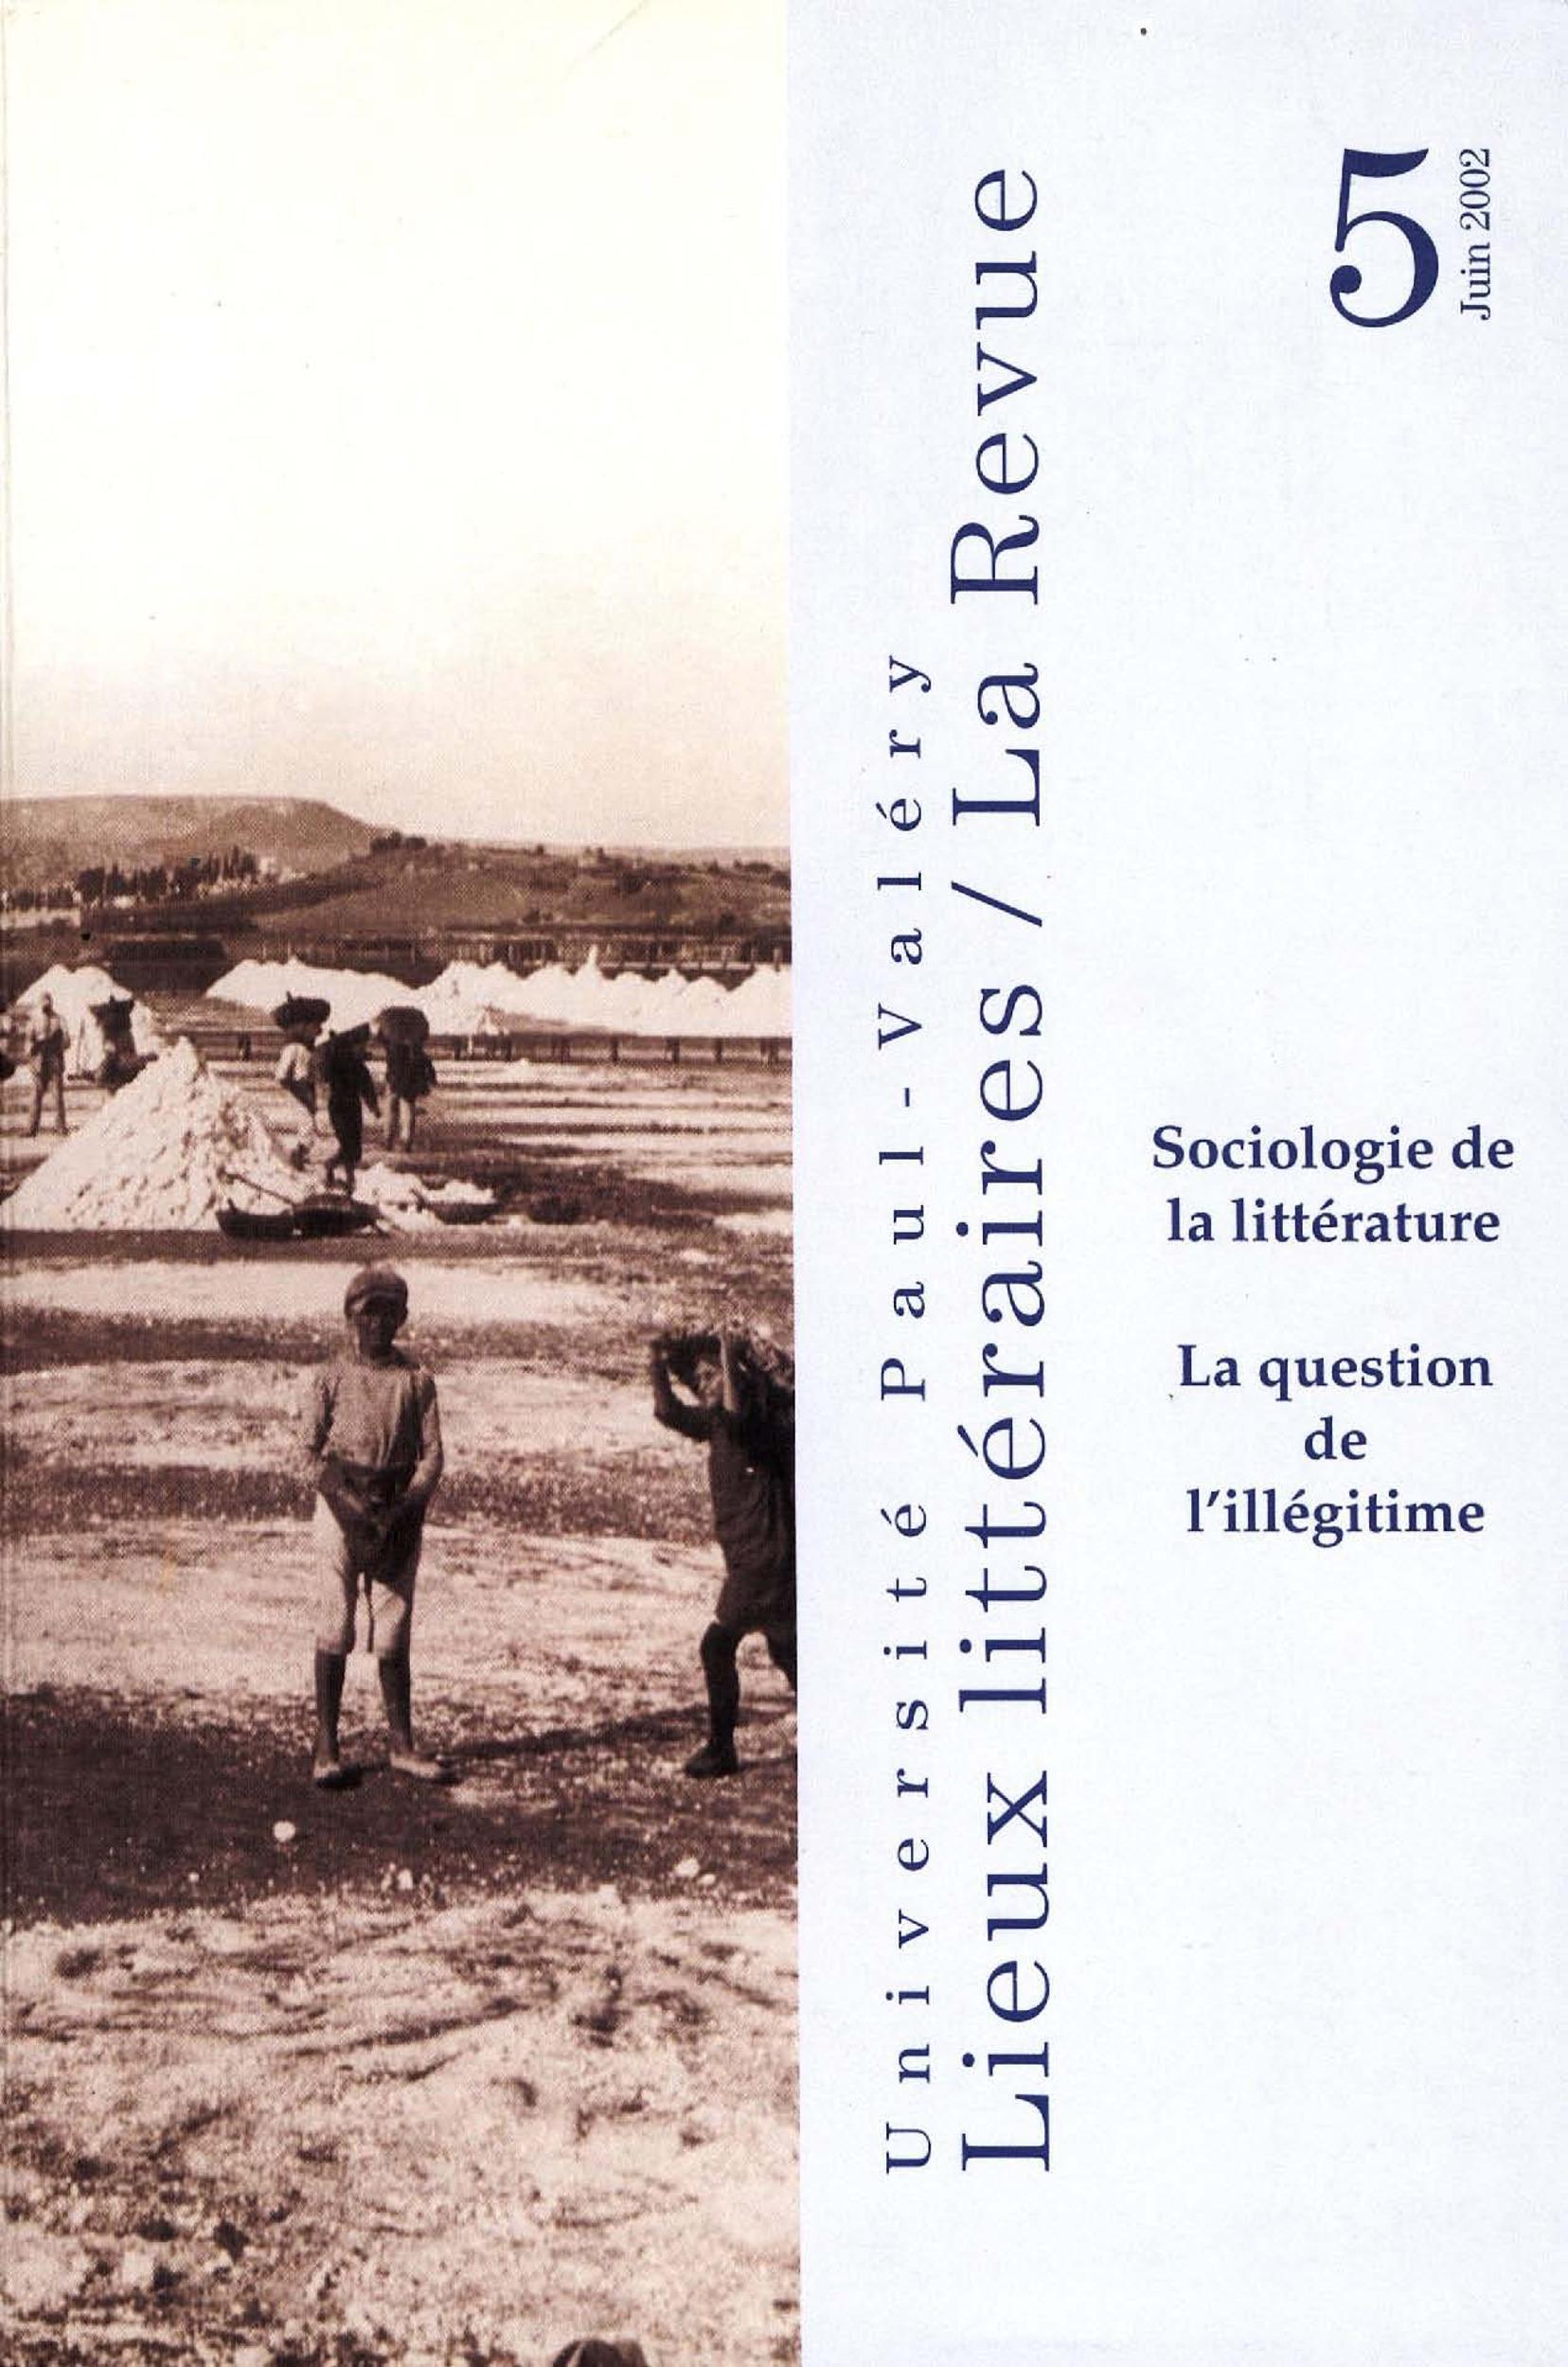 Sociologie de la littérature: la question de l'illégitime  - Benoît Denis  - Sylvie Triaire  - Jean-Pierre Bertrand